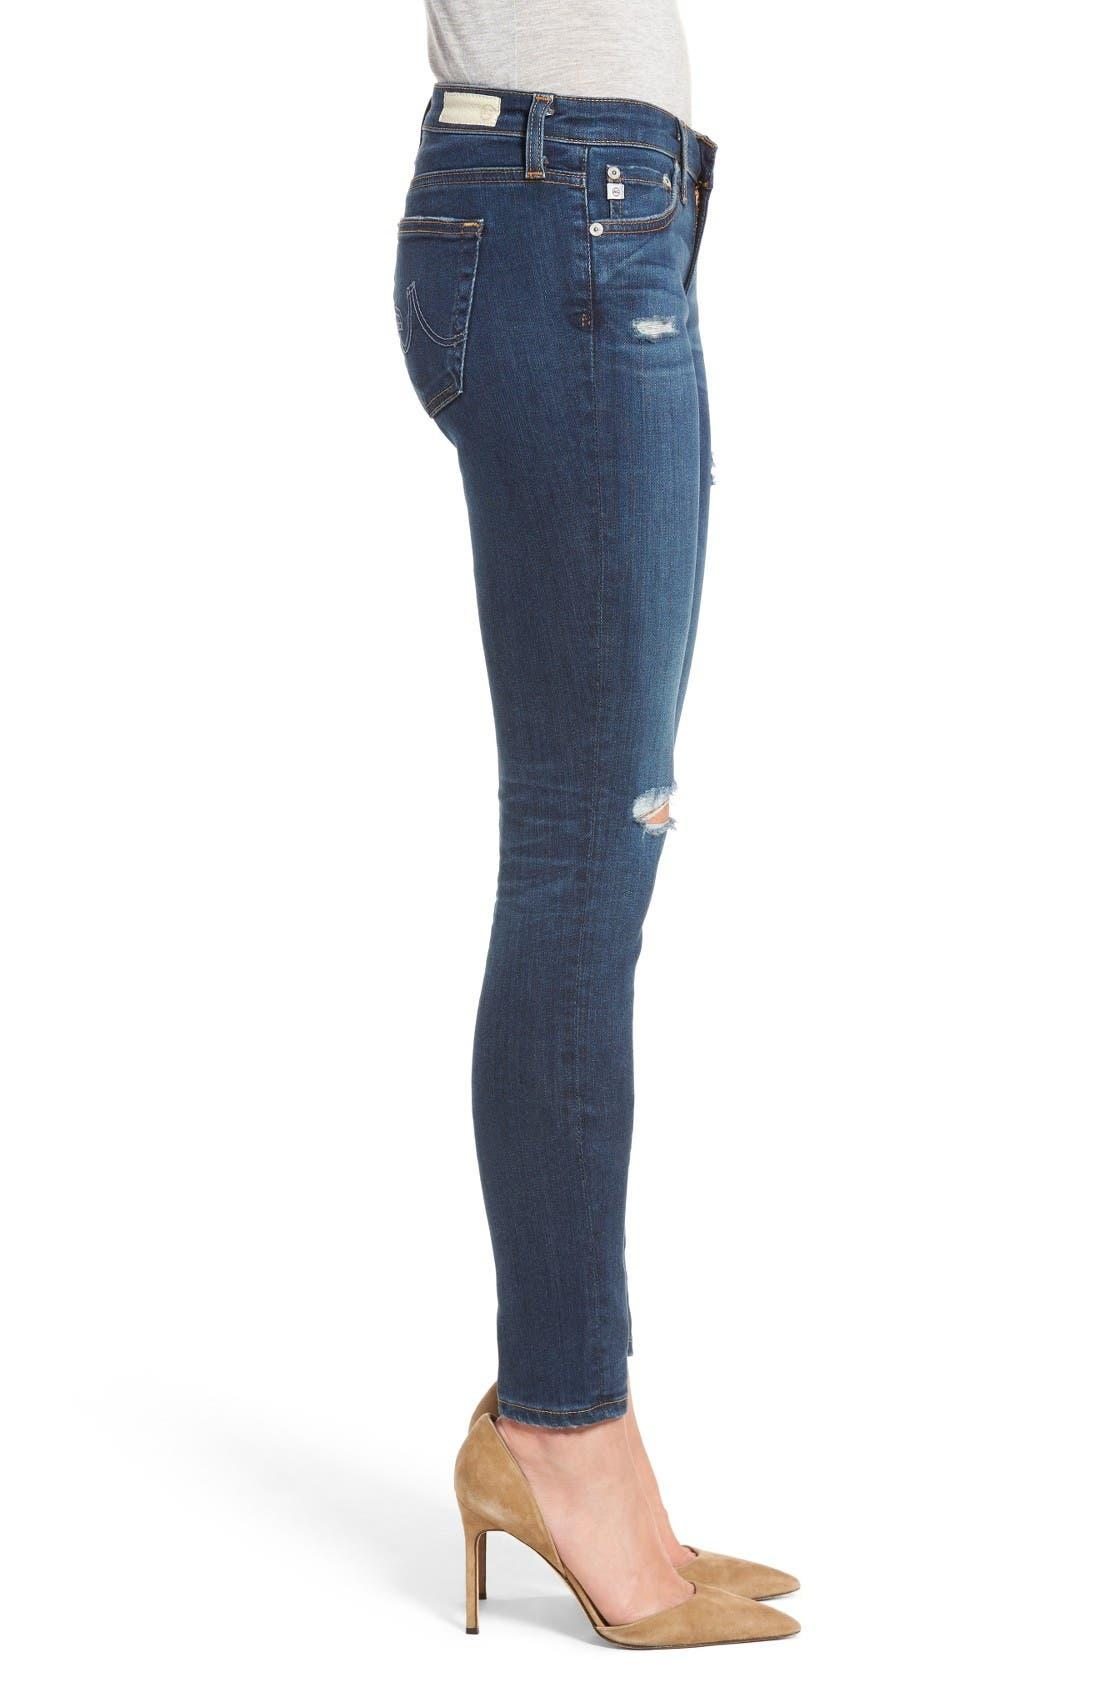 Alternate Image 3  - AG The Legging Super Skinny Jeans (8 Years Wander)